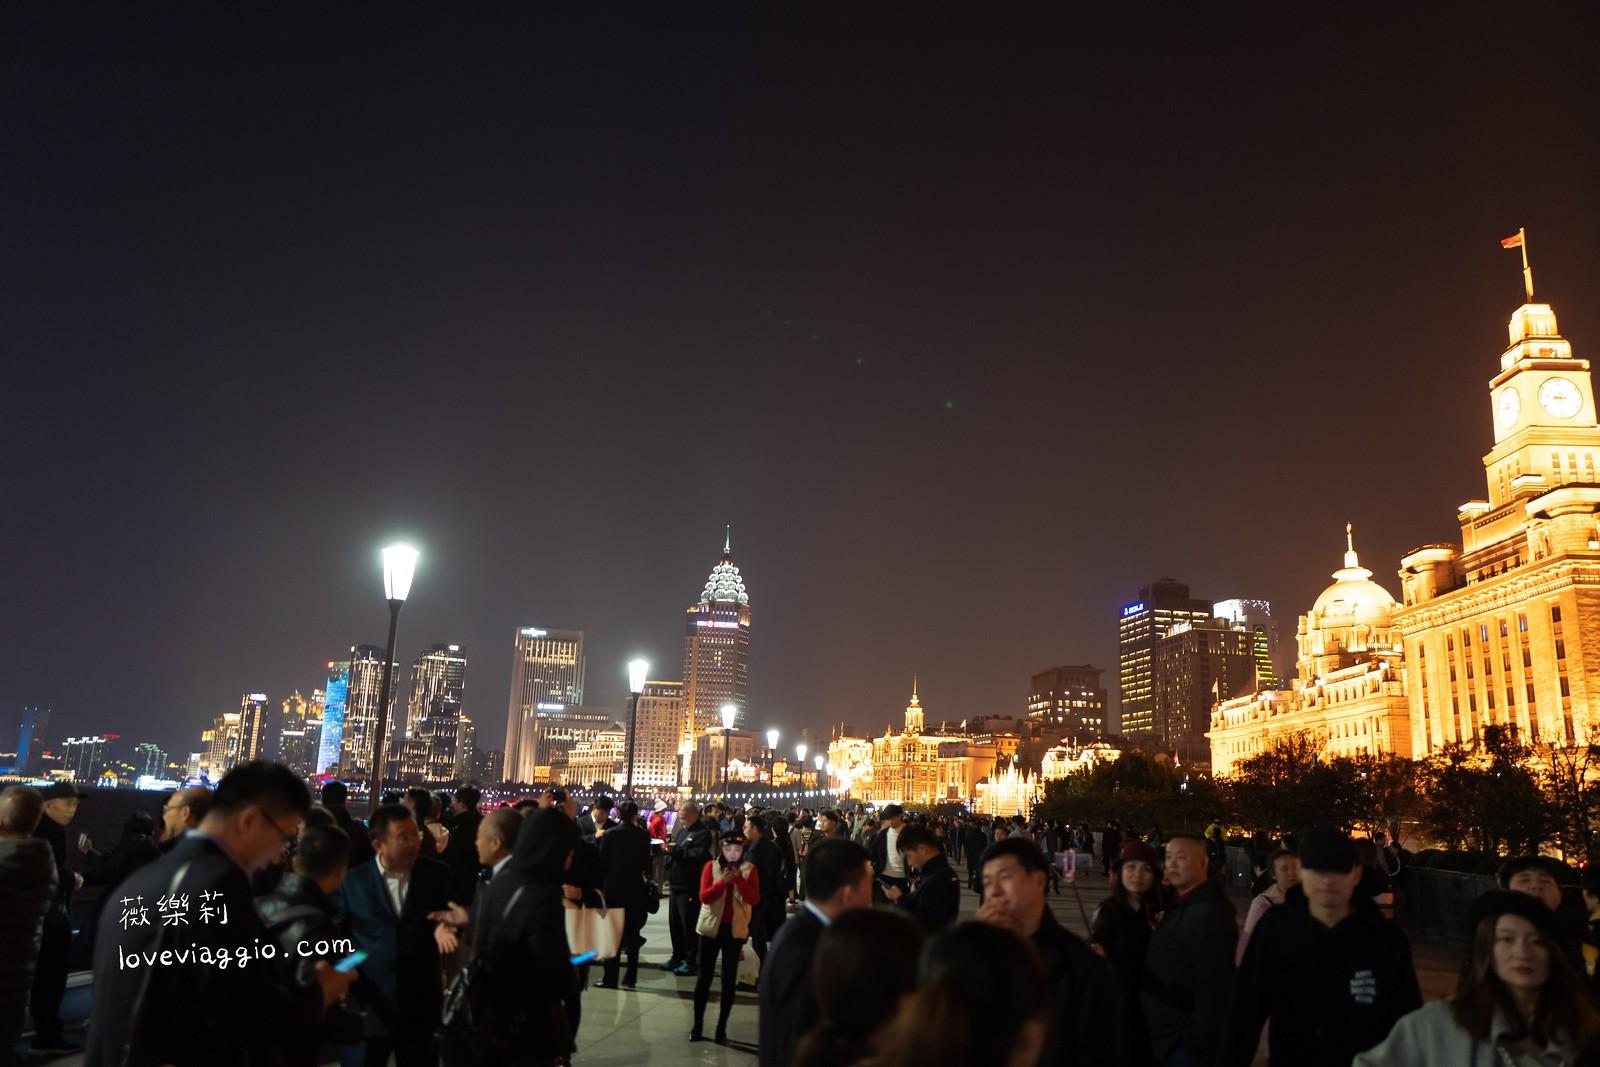 【上海 Shanghai】金色輝煌外灘夜上海 走進英法租界百年風華 @薇樂莉 Love Viaggio | 旅行.生活.攝影